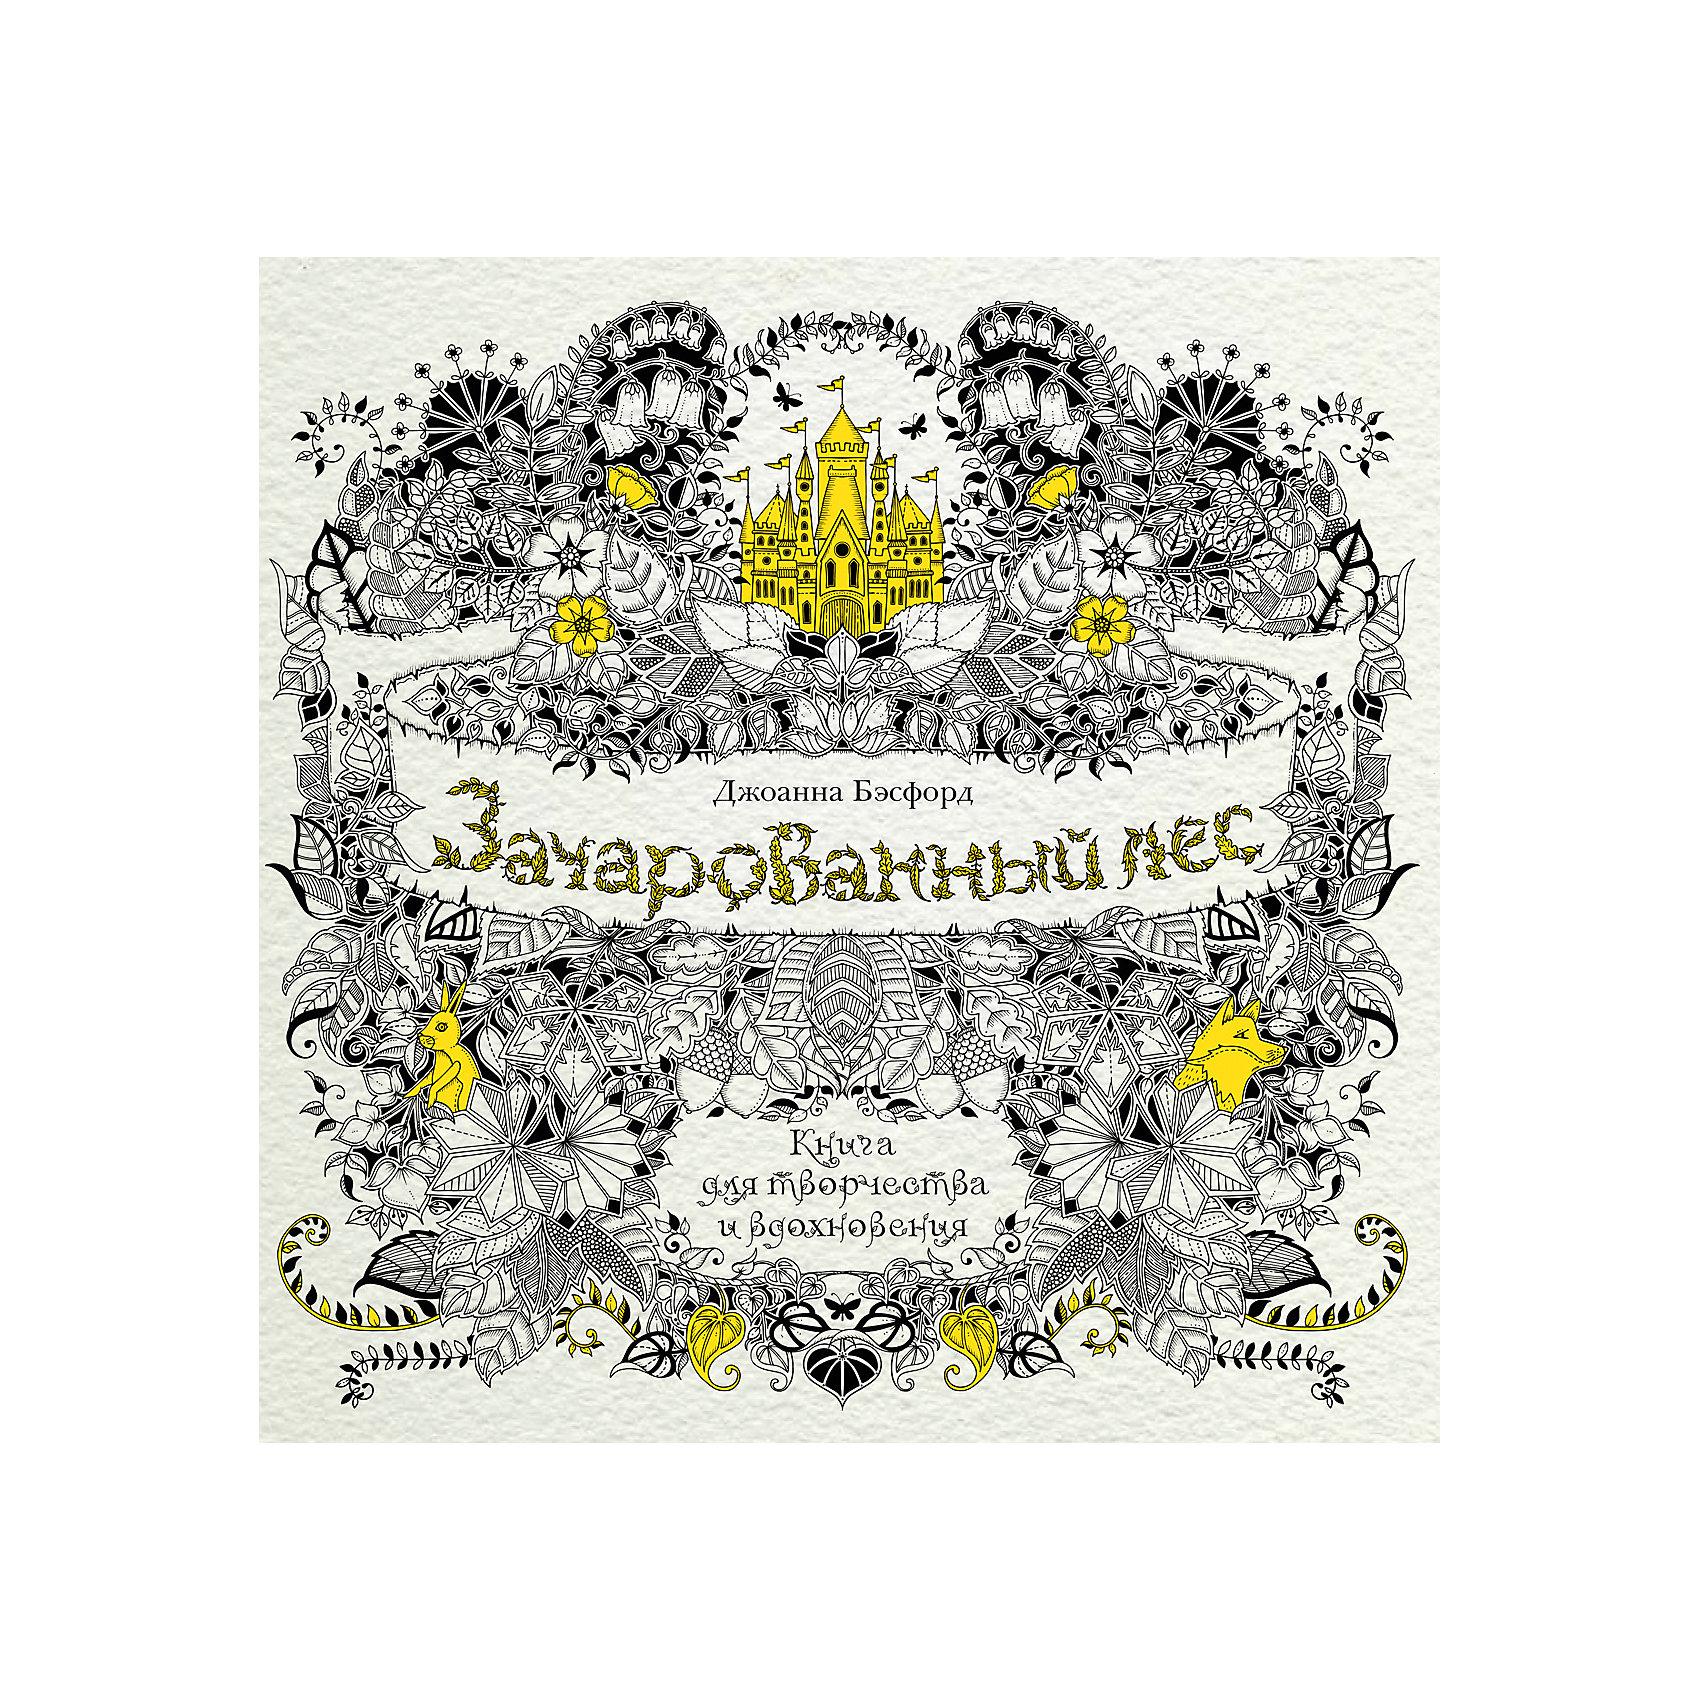 Книга для творчества и вдохновения Зачарованный лес, Джоанна БэсфордРаскраски по номерам<br>Раскраски для взрослых завоевали мир! Волшебное, вдохновляющее путешествие от дневных забот в мир творчества.<br><br>Работы Джоанны Бэсфорд случайно нашла редактор английского издательства LAURENCE KING и обратила внимания на восторженные отзывы в блоге художницы. Так родилась идея создания оригинальной раскраски для взрослых. Выпустив книгу и поверив в успех, издатель не ошибся. За несколько месяцев «Таинственный сад» был продан тиражом более 1 000 000 экз. Настоящим открытием и синонимом успеха стал новый тренд, который определил и новый вид книжной продукции – раскраски для взрослых. Вместе с популярным увлечением, который не случайно называют арт-терапия, мир получил и королеву этого направления – Джоанну Бэсфорд.<br><br>Дополнительная информация:<br><br>Серия: Арт-терапия<br>Автор: Бэсфорд Дж.<br>Формат: 250х250 мм .<br>Количество страниц: 96 <br><br>Книгу для творчества и вдохновения Зачарованный лес можно купить в нашем магазине.<br><br>Ширина мм: 250<br>Глубина мм: 250<br>Высота мм: 11<br>Вес г: 430<br>Возраст от месяцев: 72<br>Возраст до месяцев: 168<br>Пол: Унисекс<br>Возраст: Детский<br>SKU: 4194016